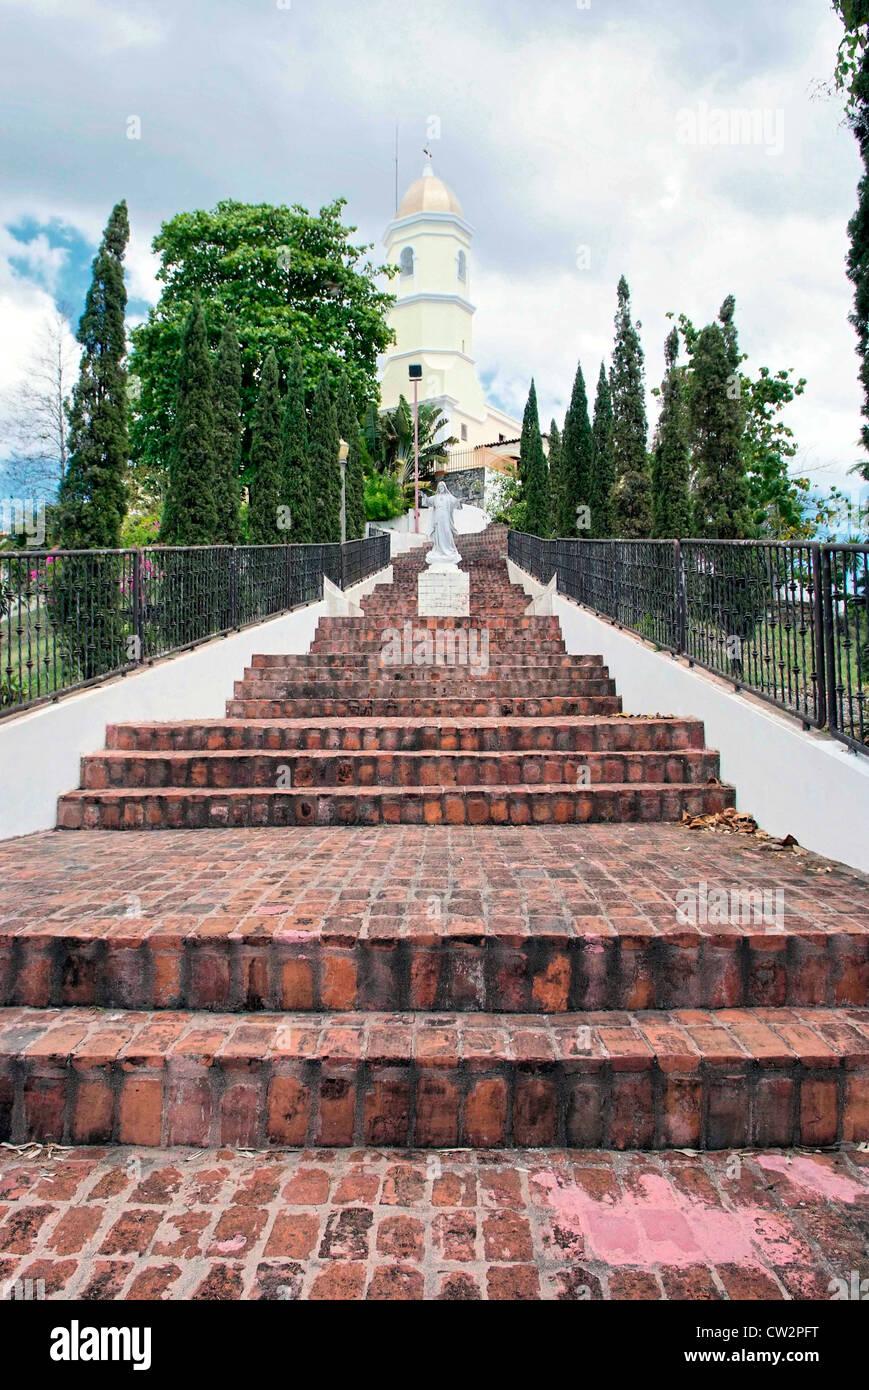 PUERTO RICO - Hormigueros la Basilica di Nostra Signora di Montserrat 49be04ad20d